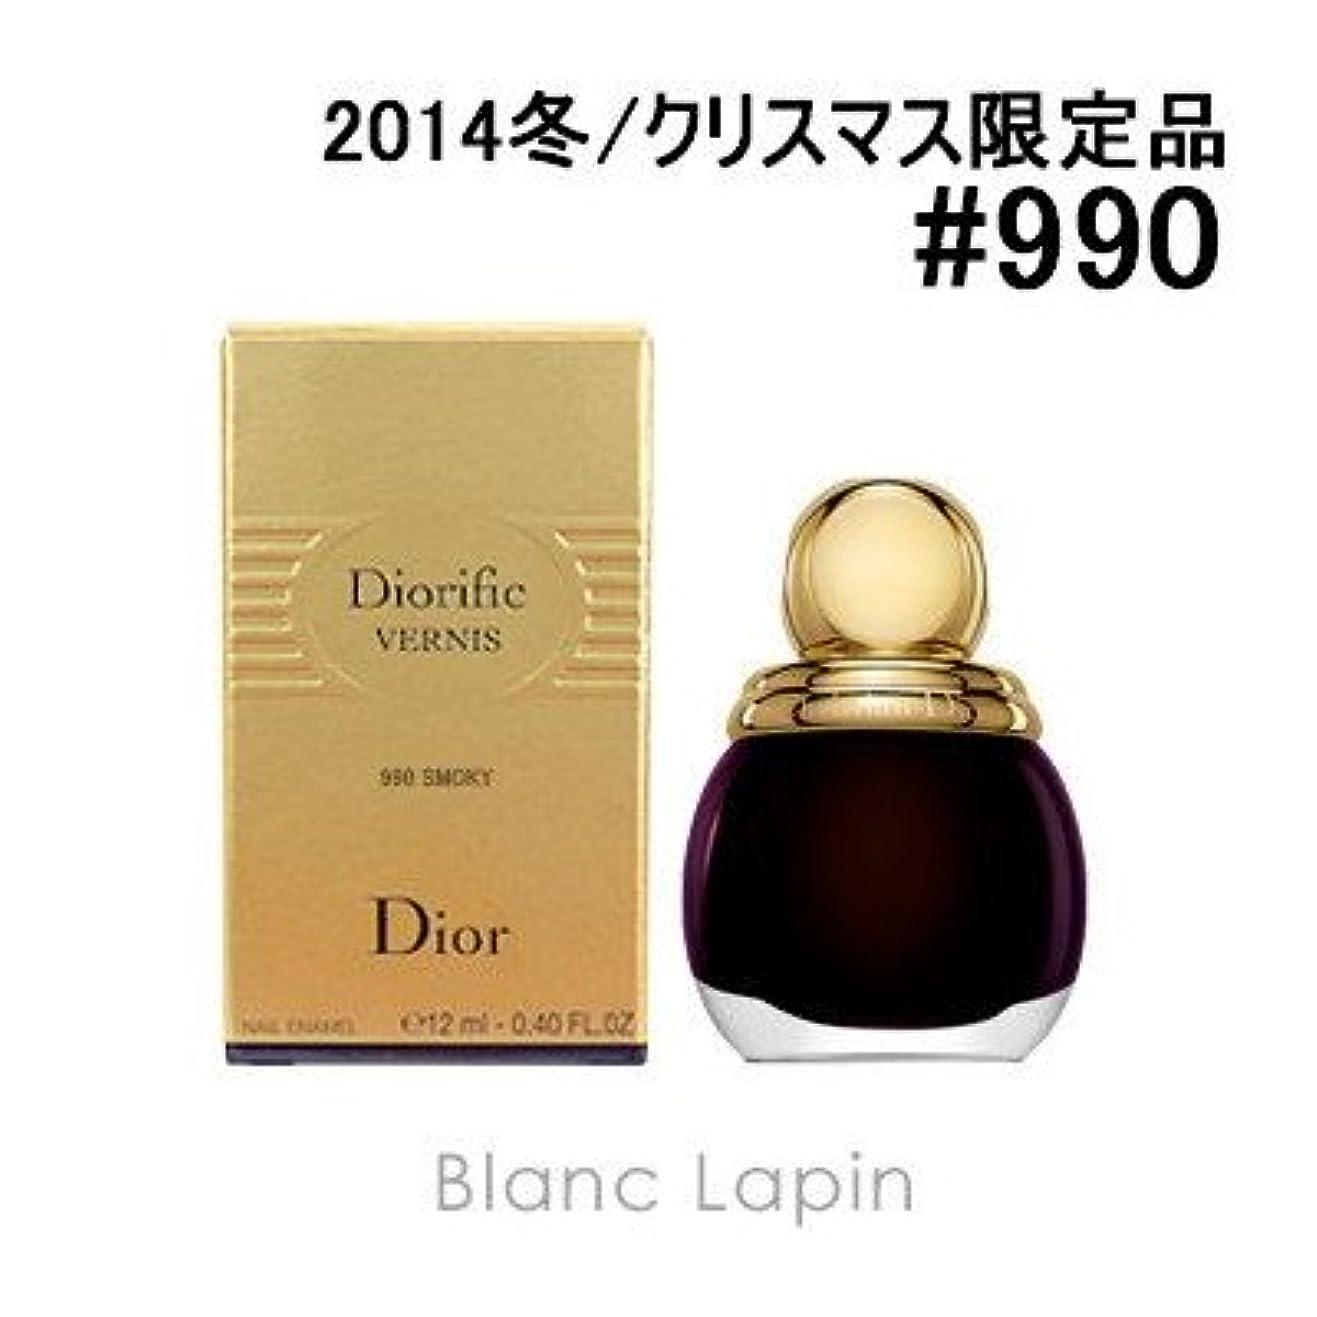 病んでいる急ぐ補償Dior ヴェルニディオリフィック #990 スモーキー 12ml [225519] [並行輸入品]